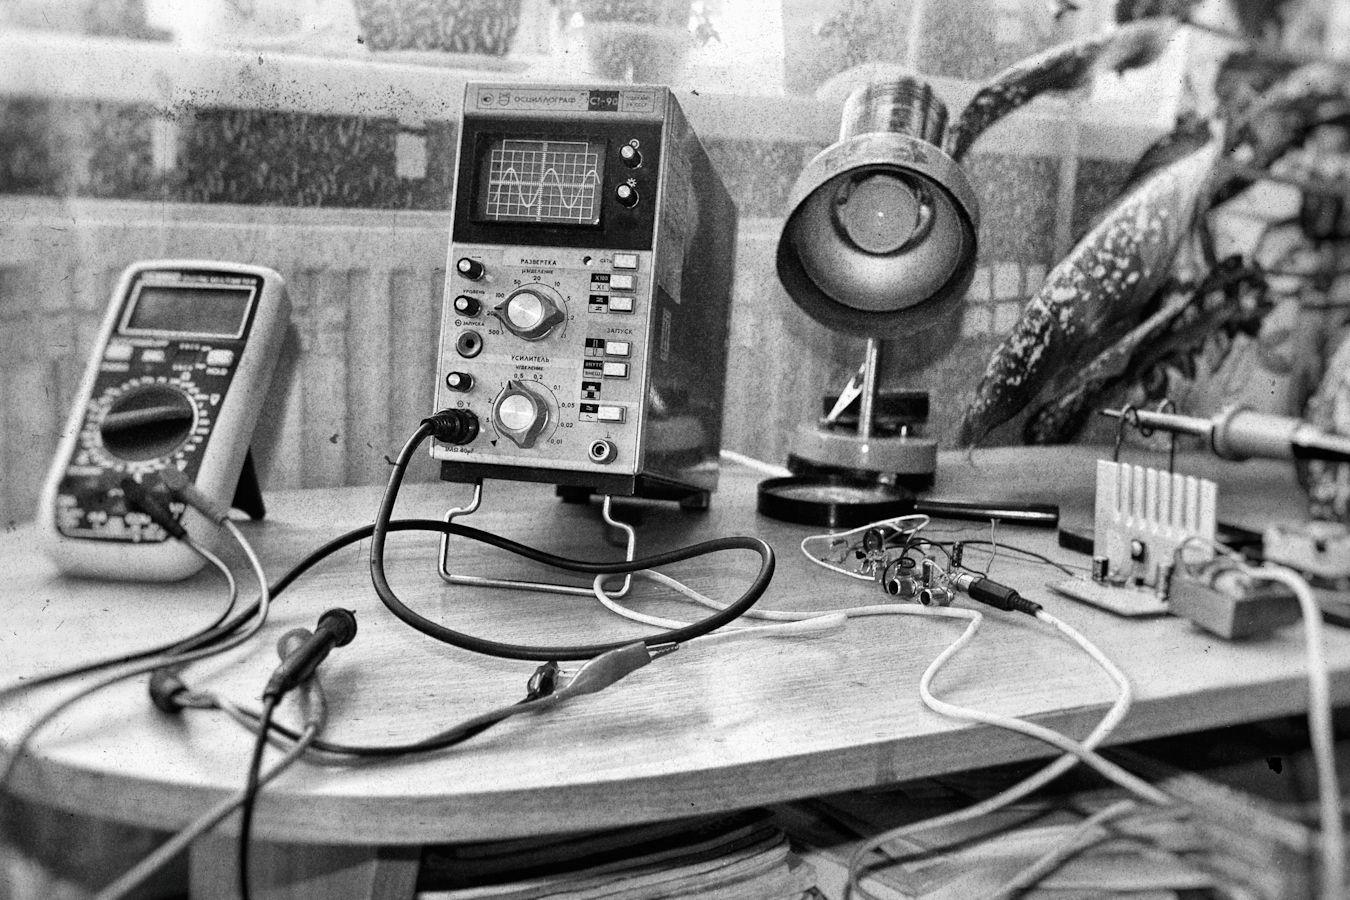 73 !! Осциллограф радиолюбитель радиотехника